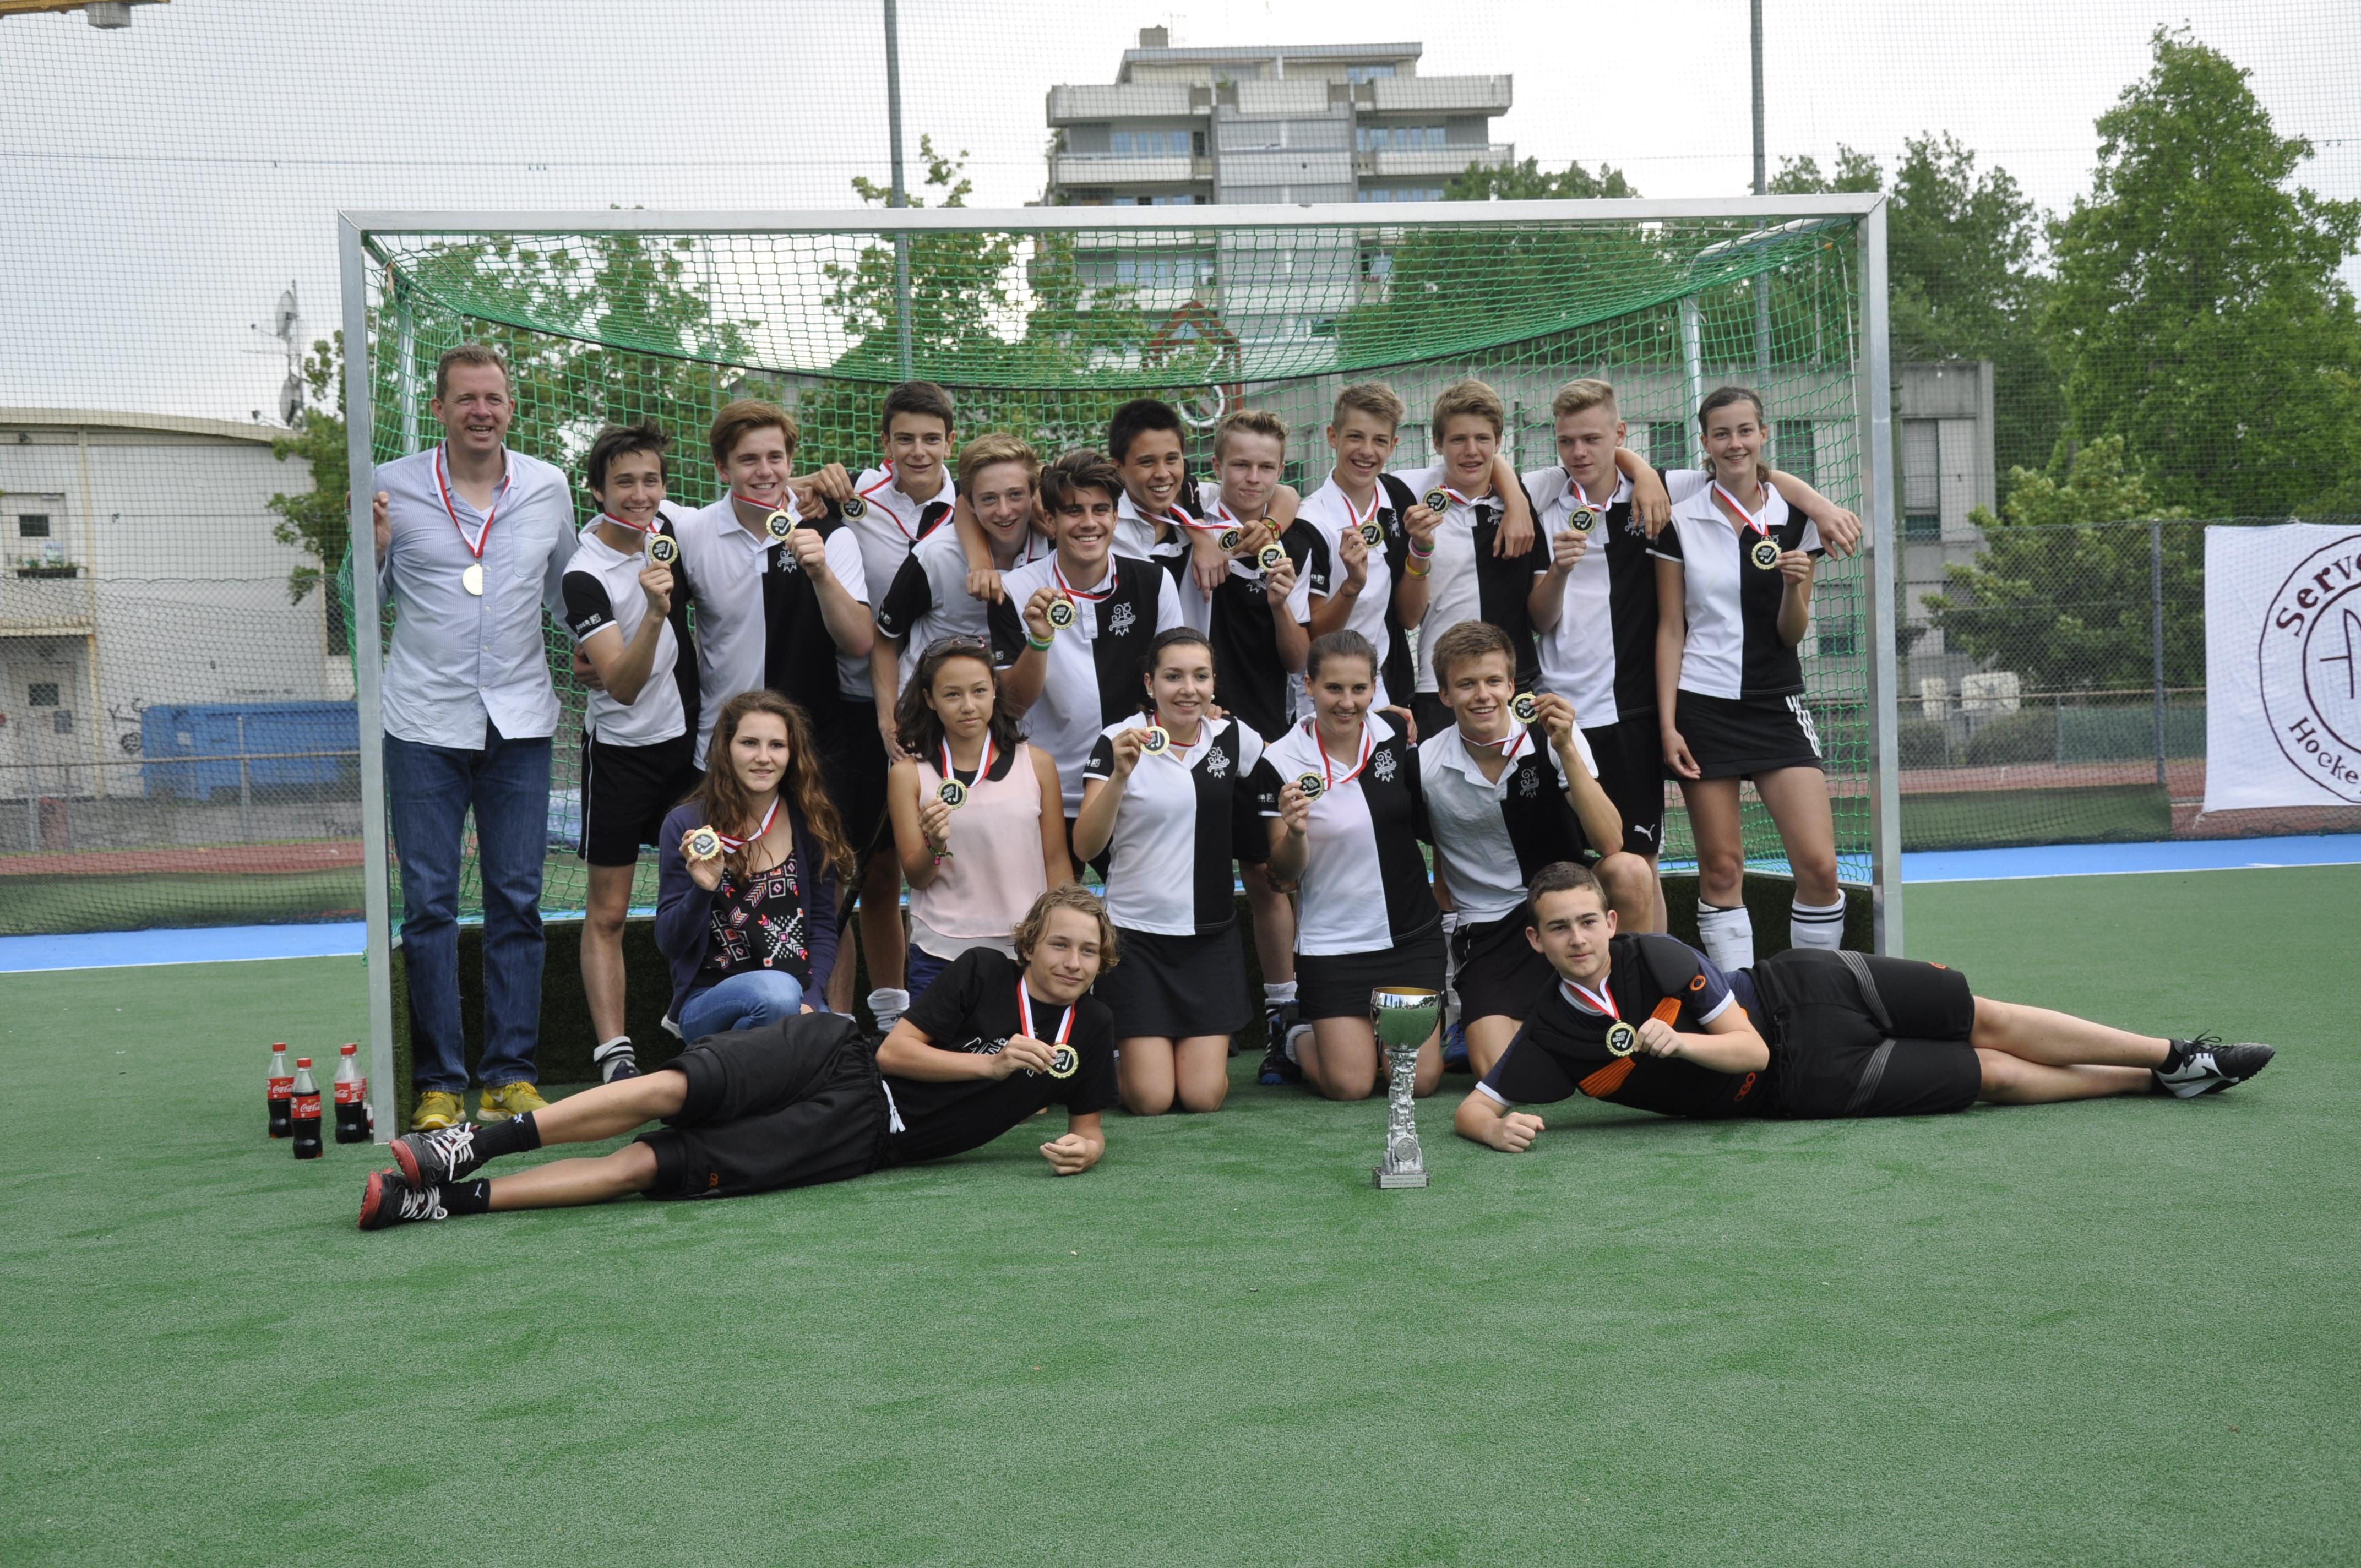 2014 Jugend U17 Schweizermeister Feld